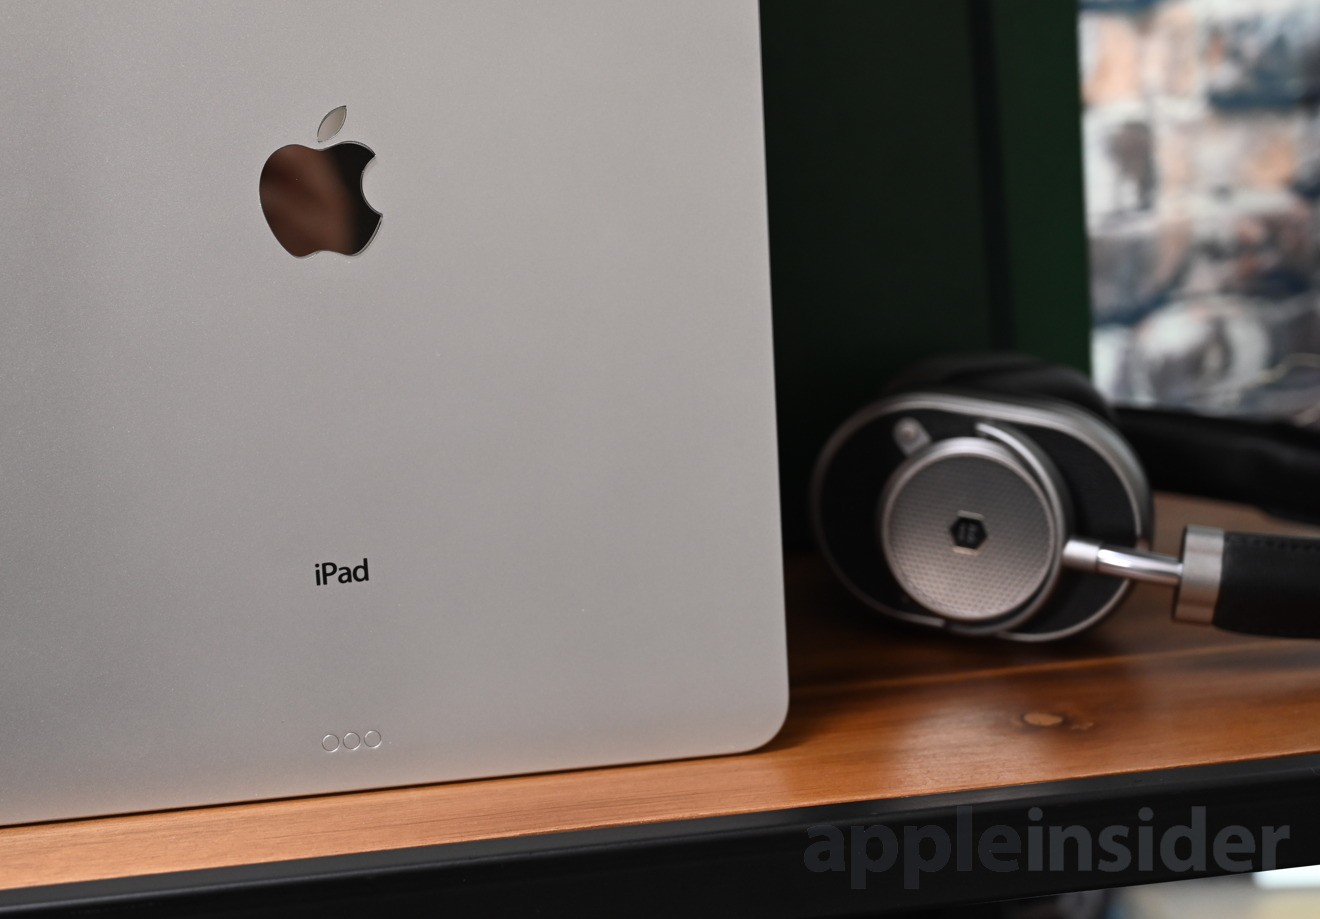 新型iPad Pro、ハンズオン動画が流出。トリプルカメラが目玉機能か